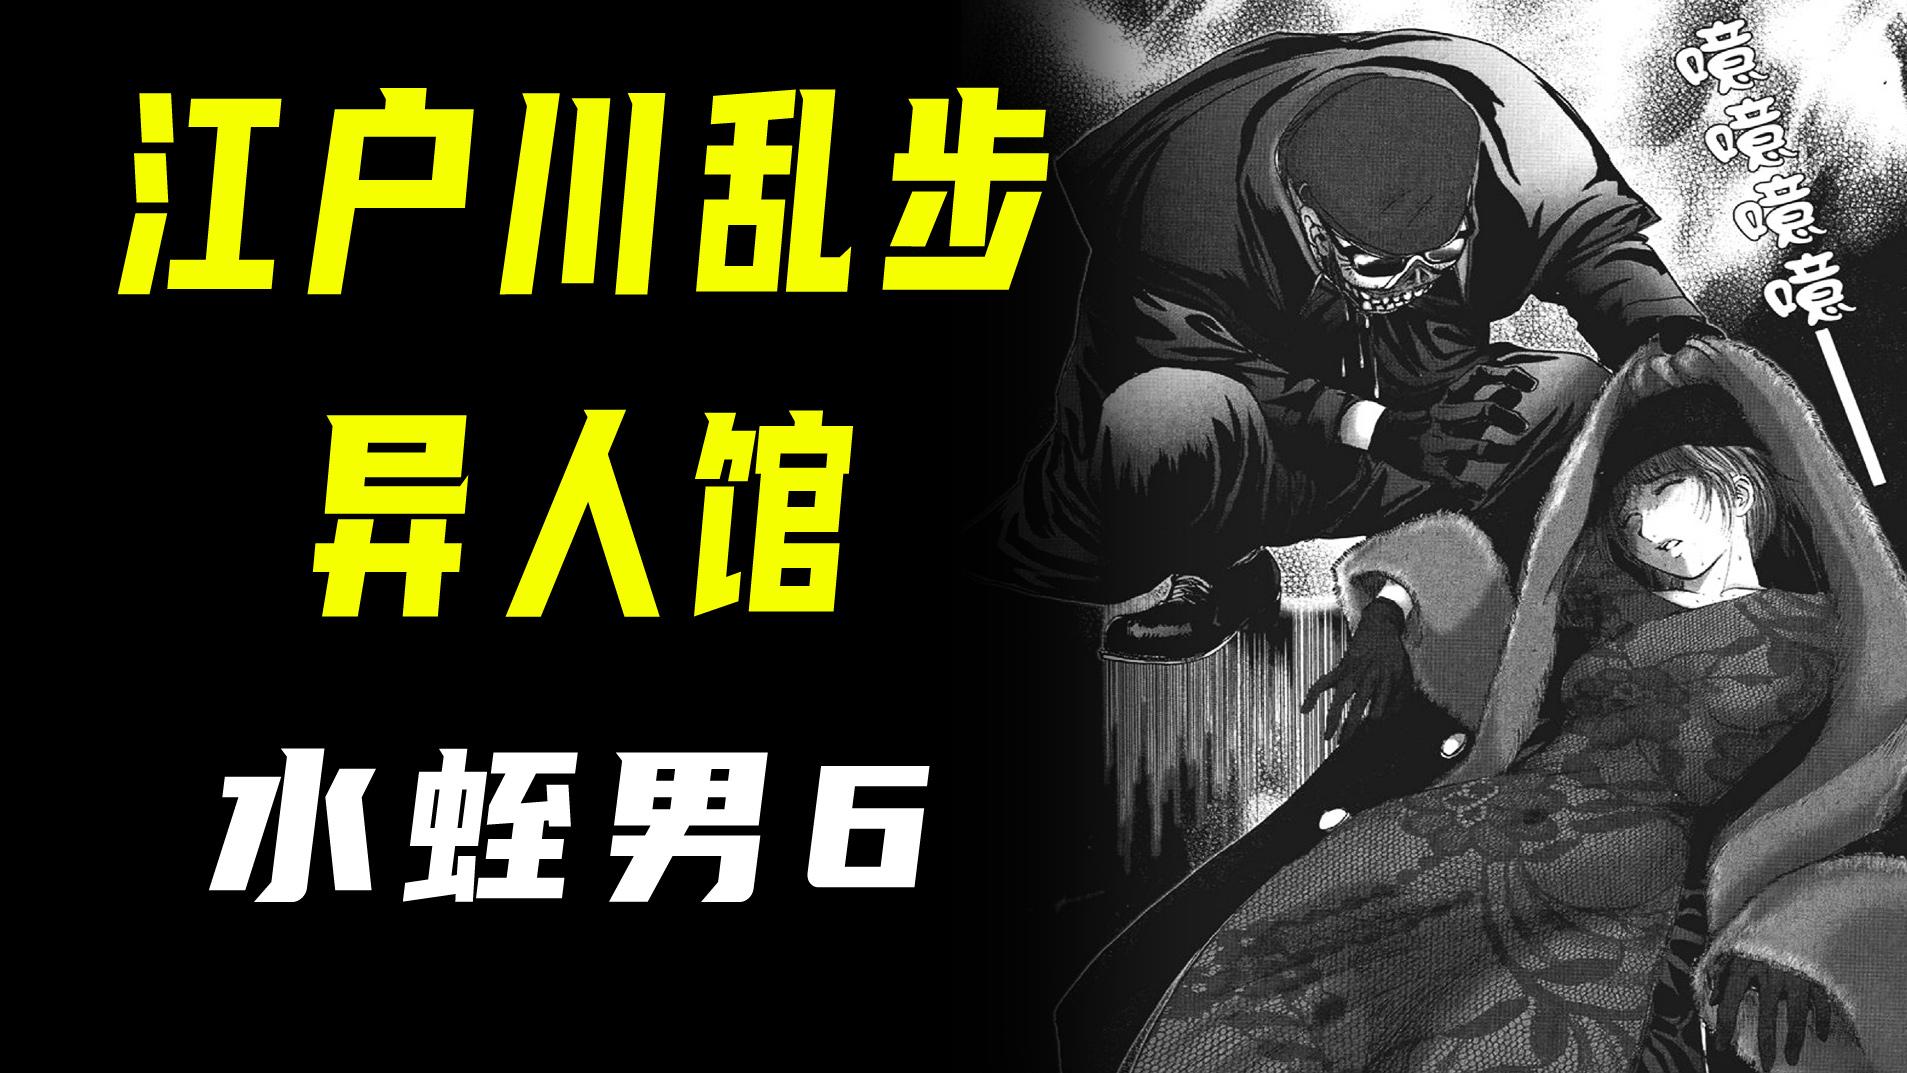 【江户川乱步异人馆·水蛭男6】性感尤物被无脸怪物俘虏以后…